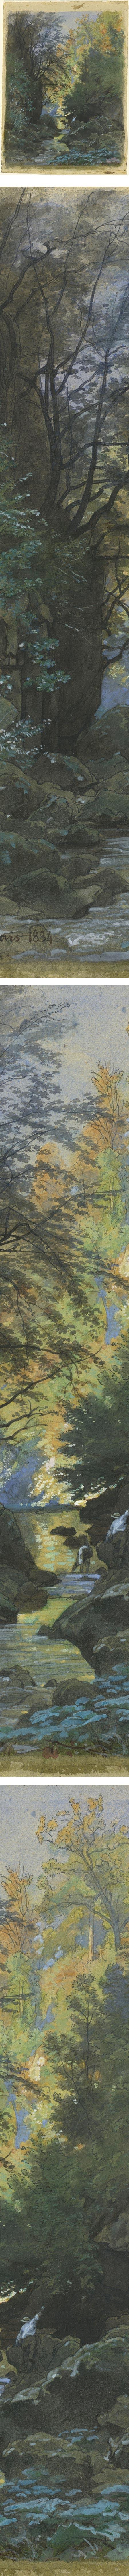 A Stream through a Dense Forest, Francois-Louis Francais, watercolor and gouache landscape